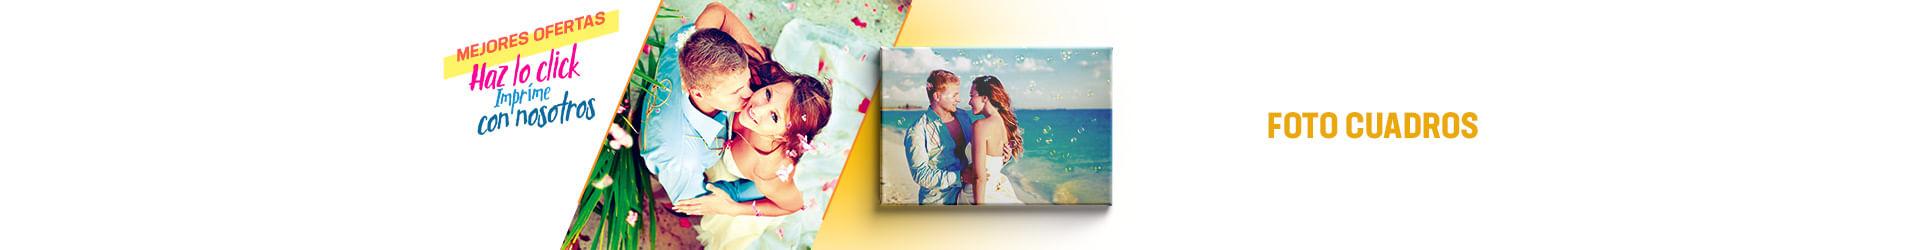 Foto cuadros cuadros personalizados con foto decore tu - Cuadros fotos personalizados ...